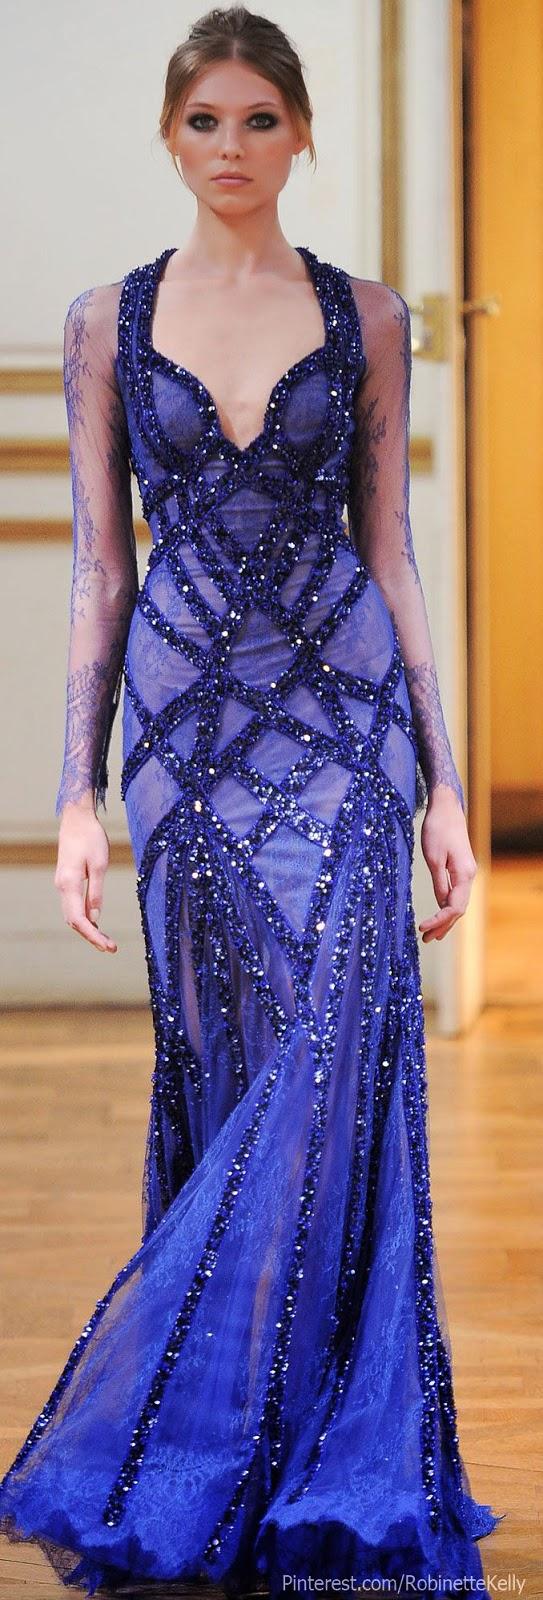 magnificent cobalt blue Zuhair Murad gown, F/W 2013